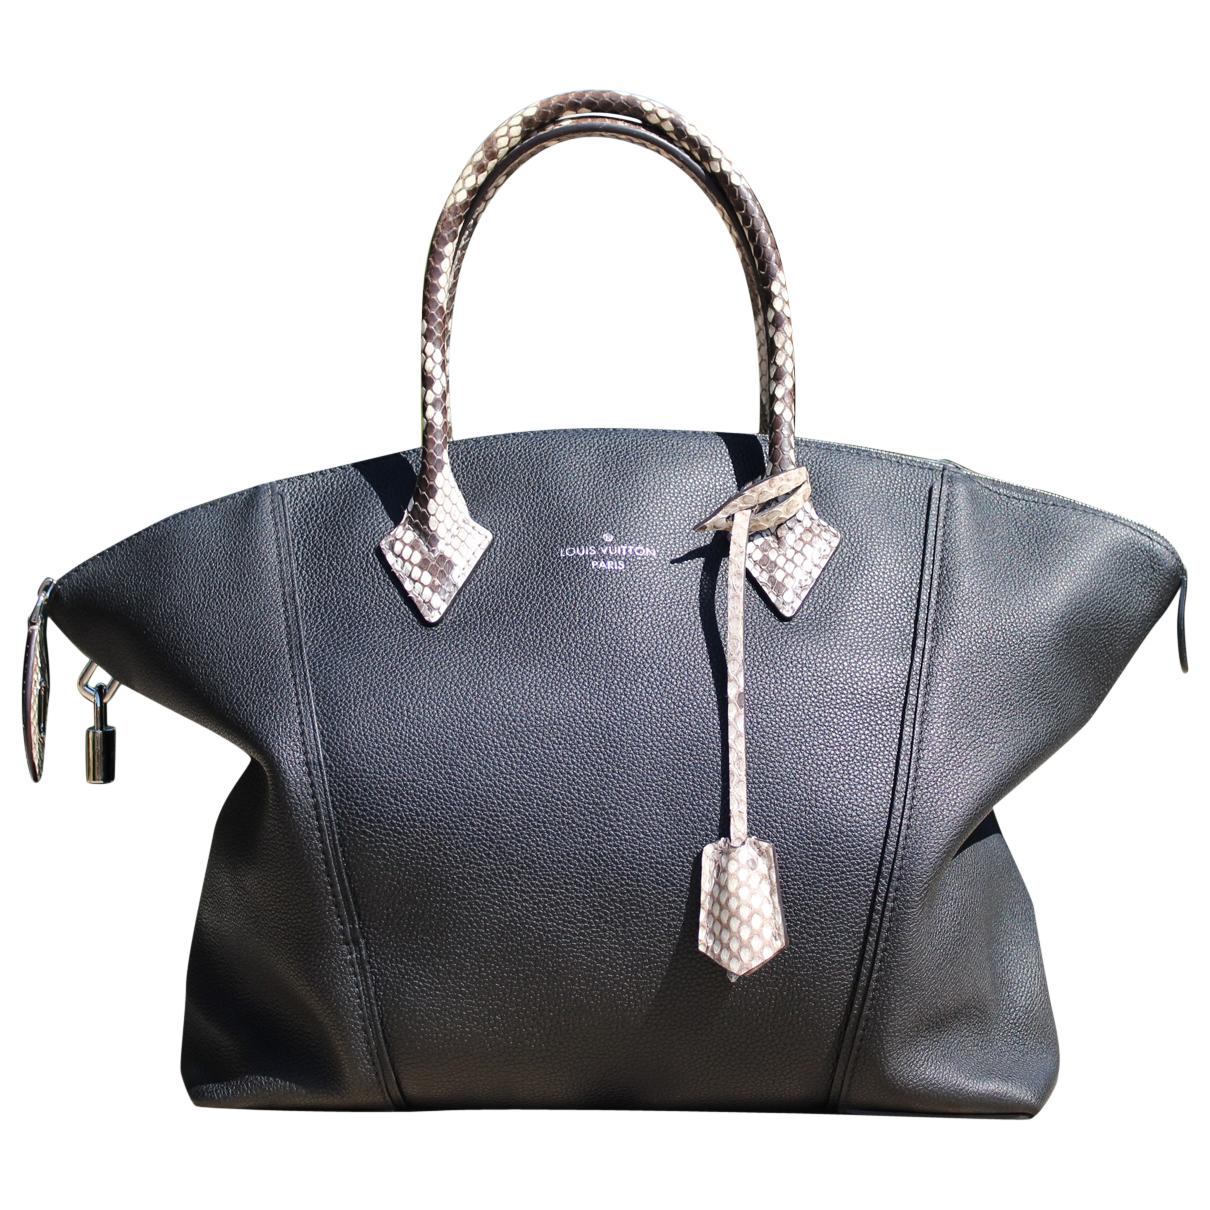 Louis Vuitton Lockit Handtasche in  Schwarz Leder